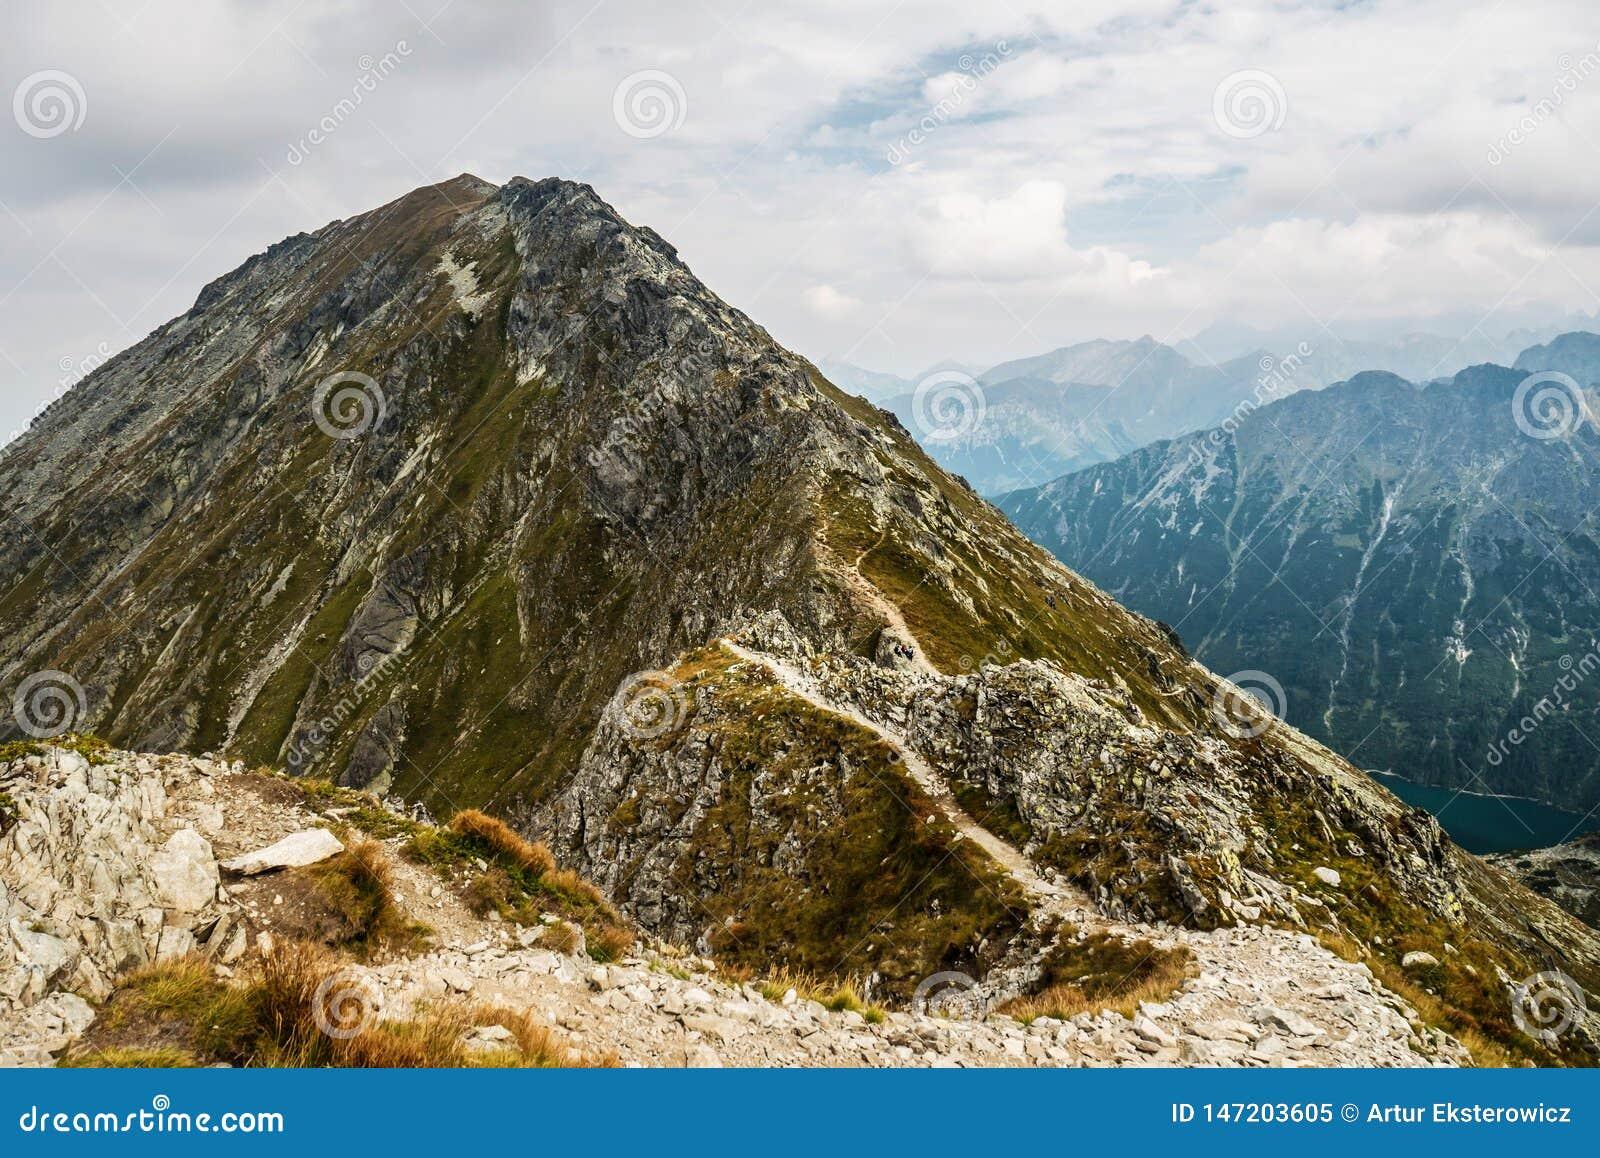 Spitze in den Bergen im Sonnenschein